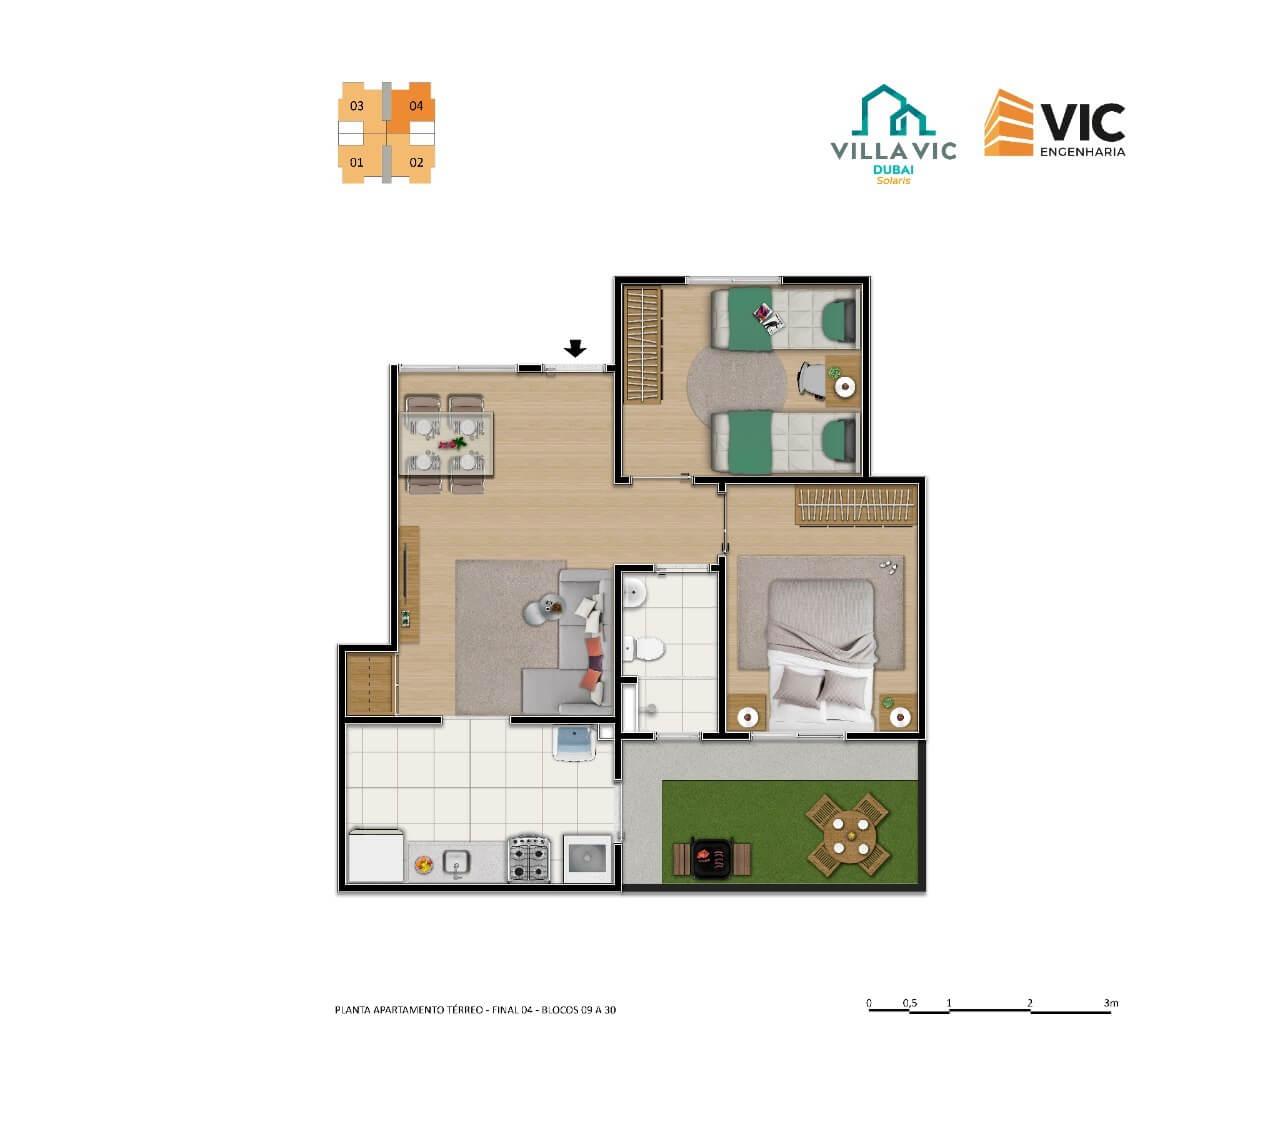 vic-engenharia-villa-vic-dubai-solaris-apartamento-terreo-bloco-9-a-30-final-4 (1)